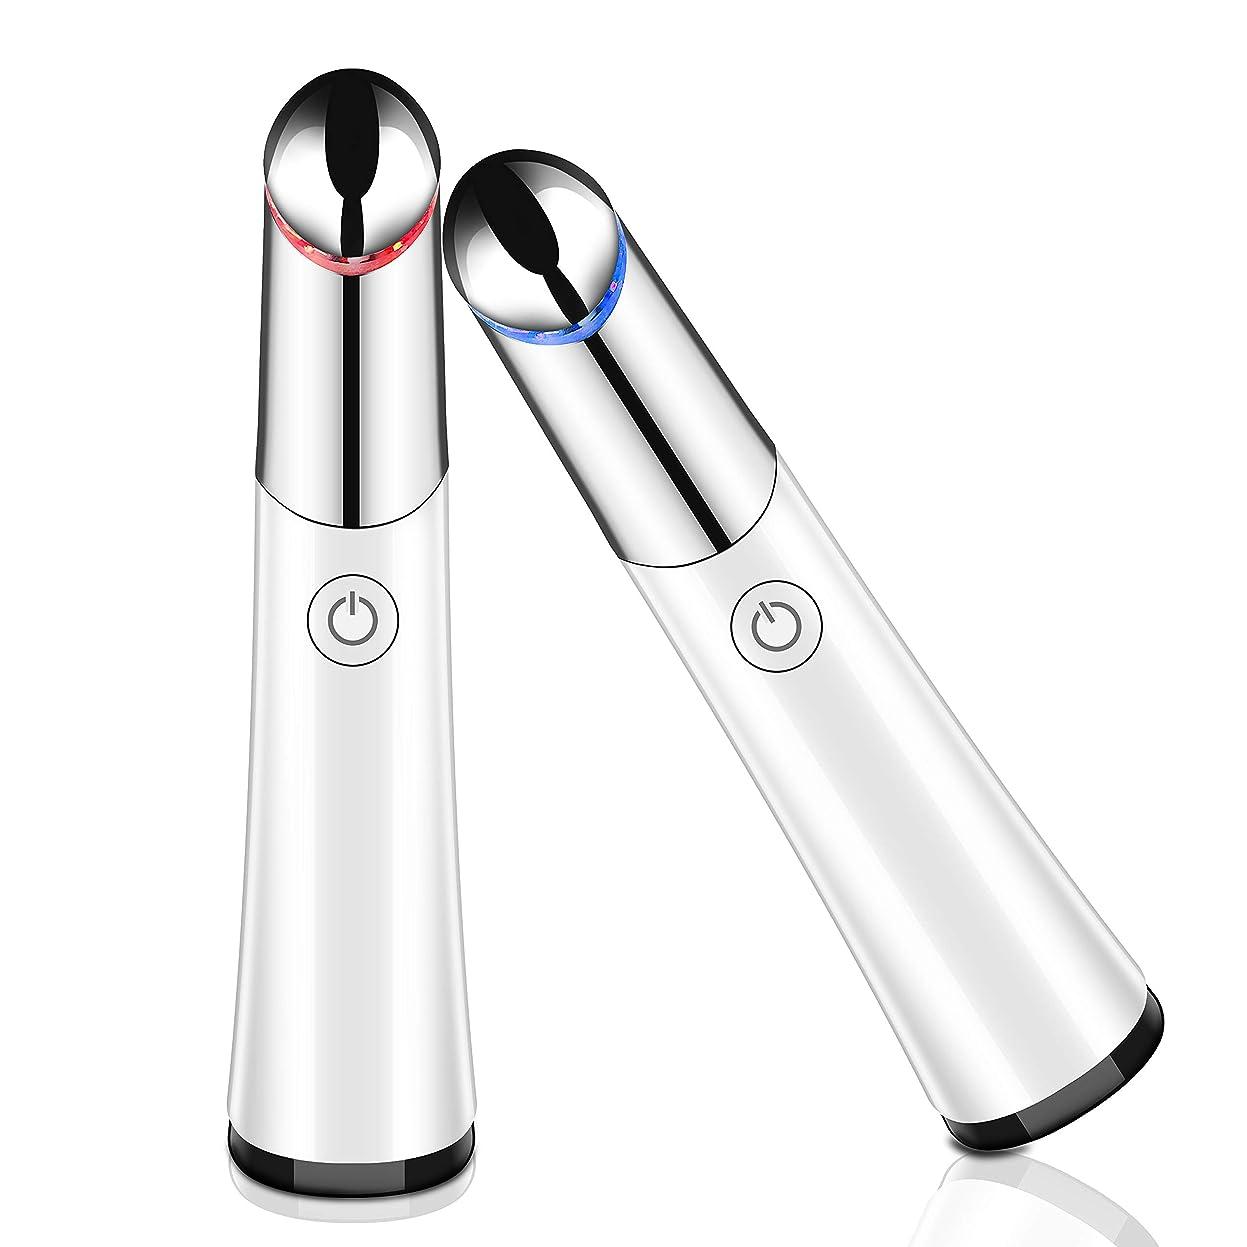 狂信者汚れた地域の目元ケア 超音波美顔器 温熱マッサージ 光エステ イオン導入 振動 USB充電式 口元ケア 美肌 くま たるみ シワ 目袋改善 法令線改善